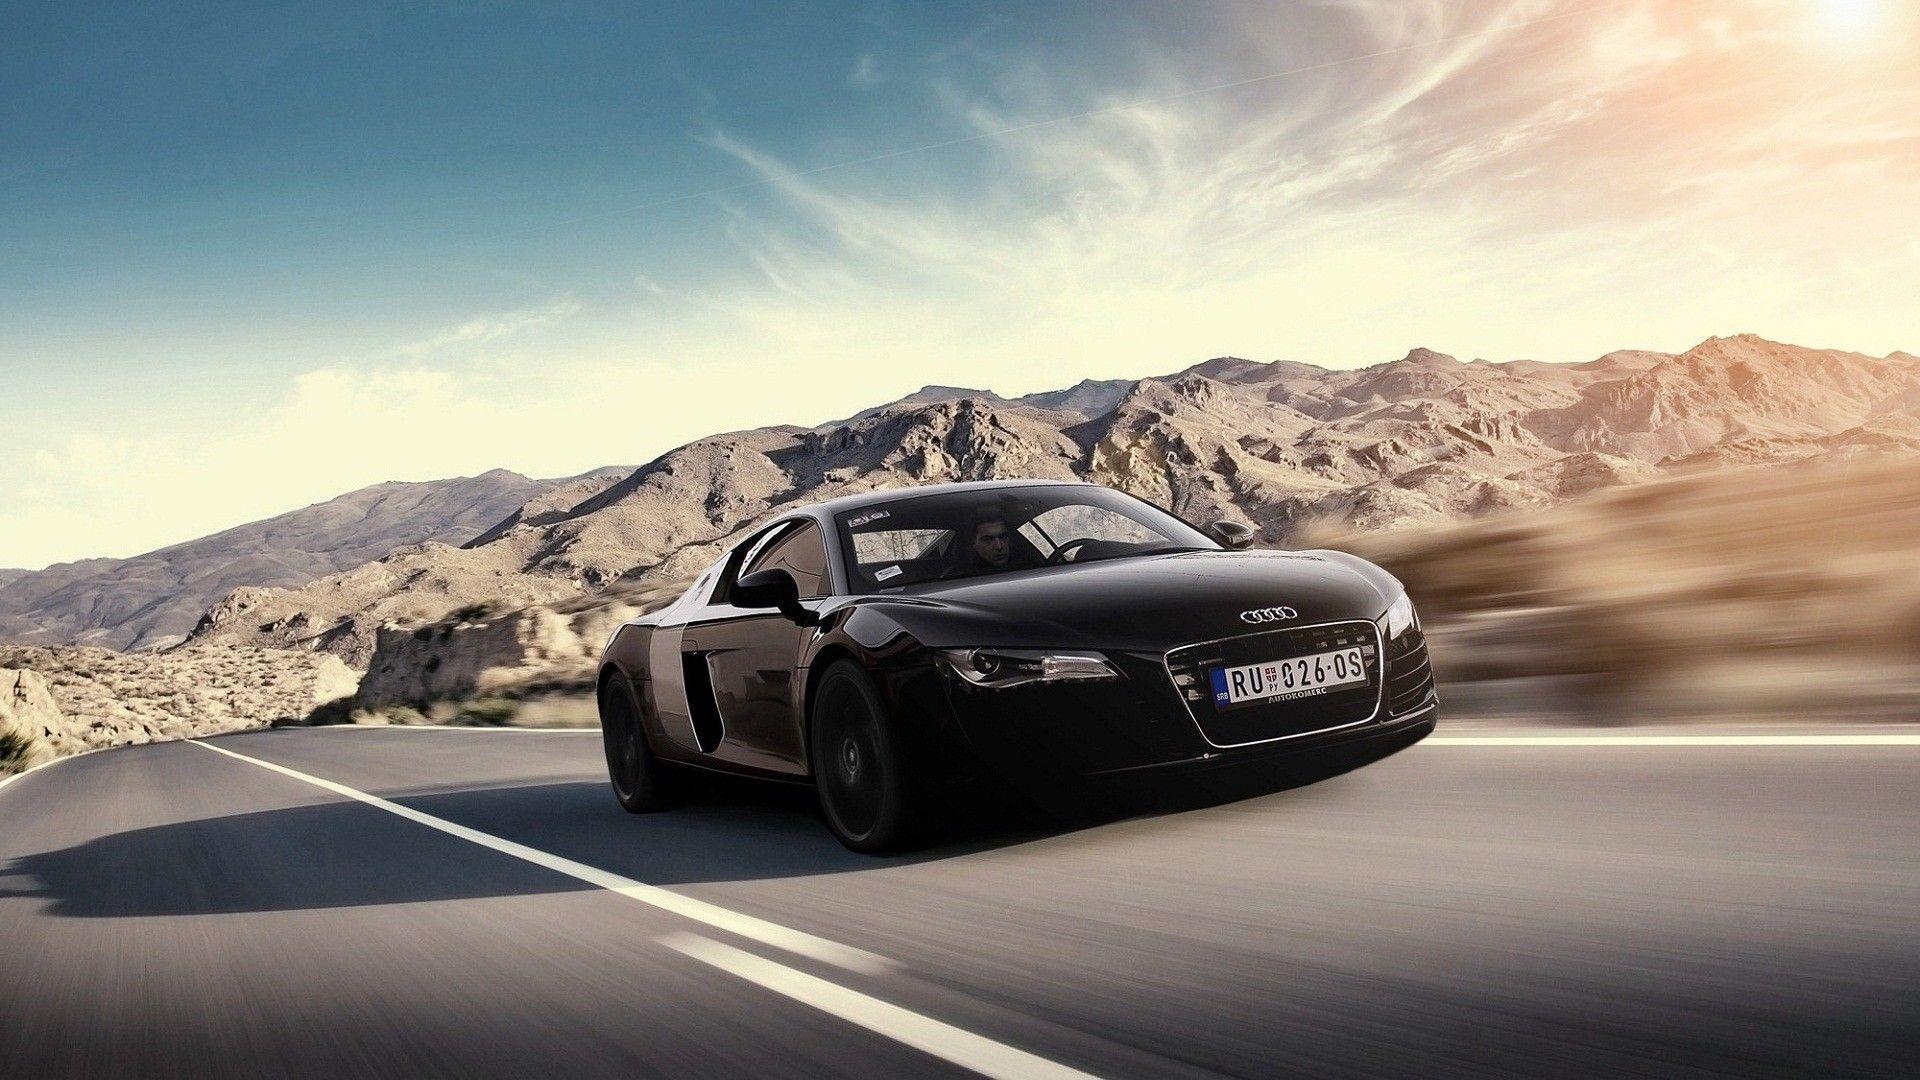 Audi R8 Duvar Kağıdı